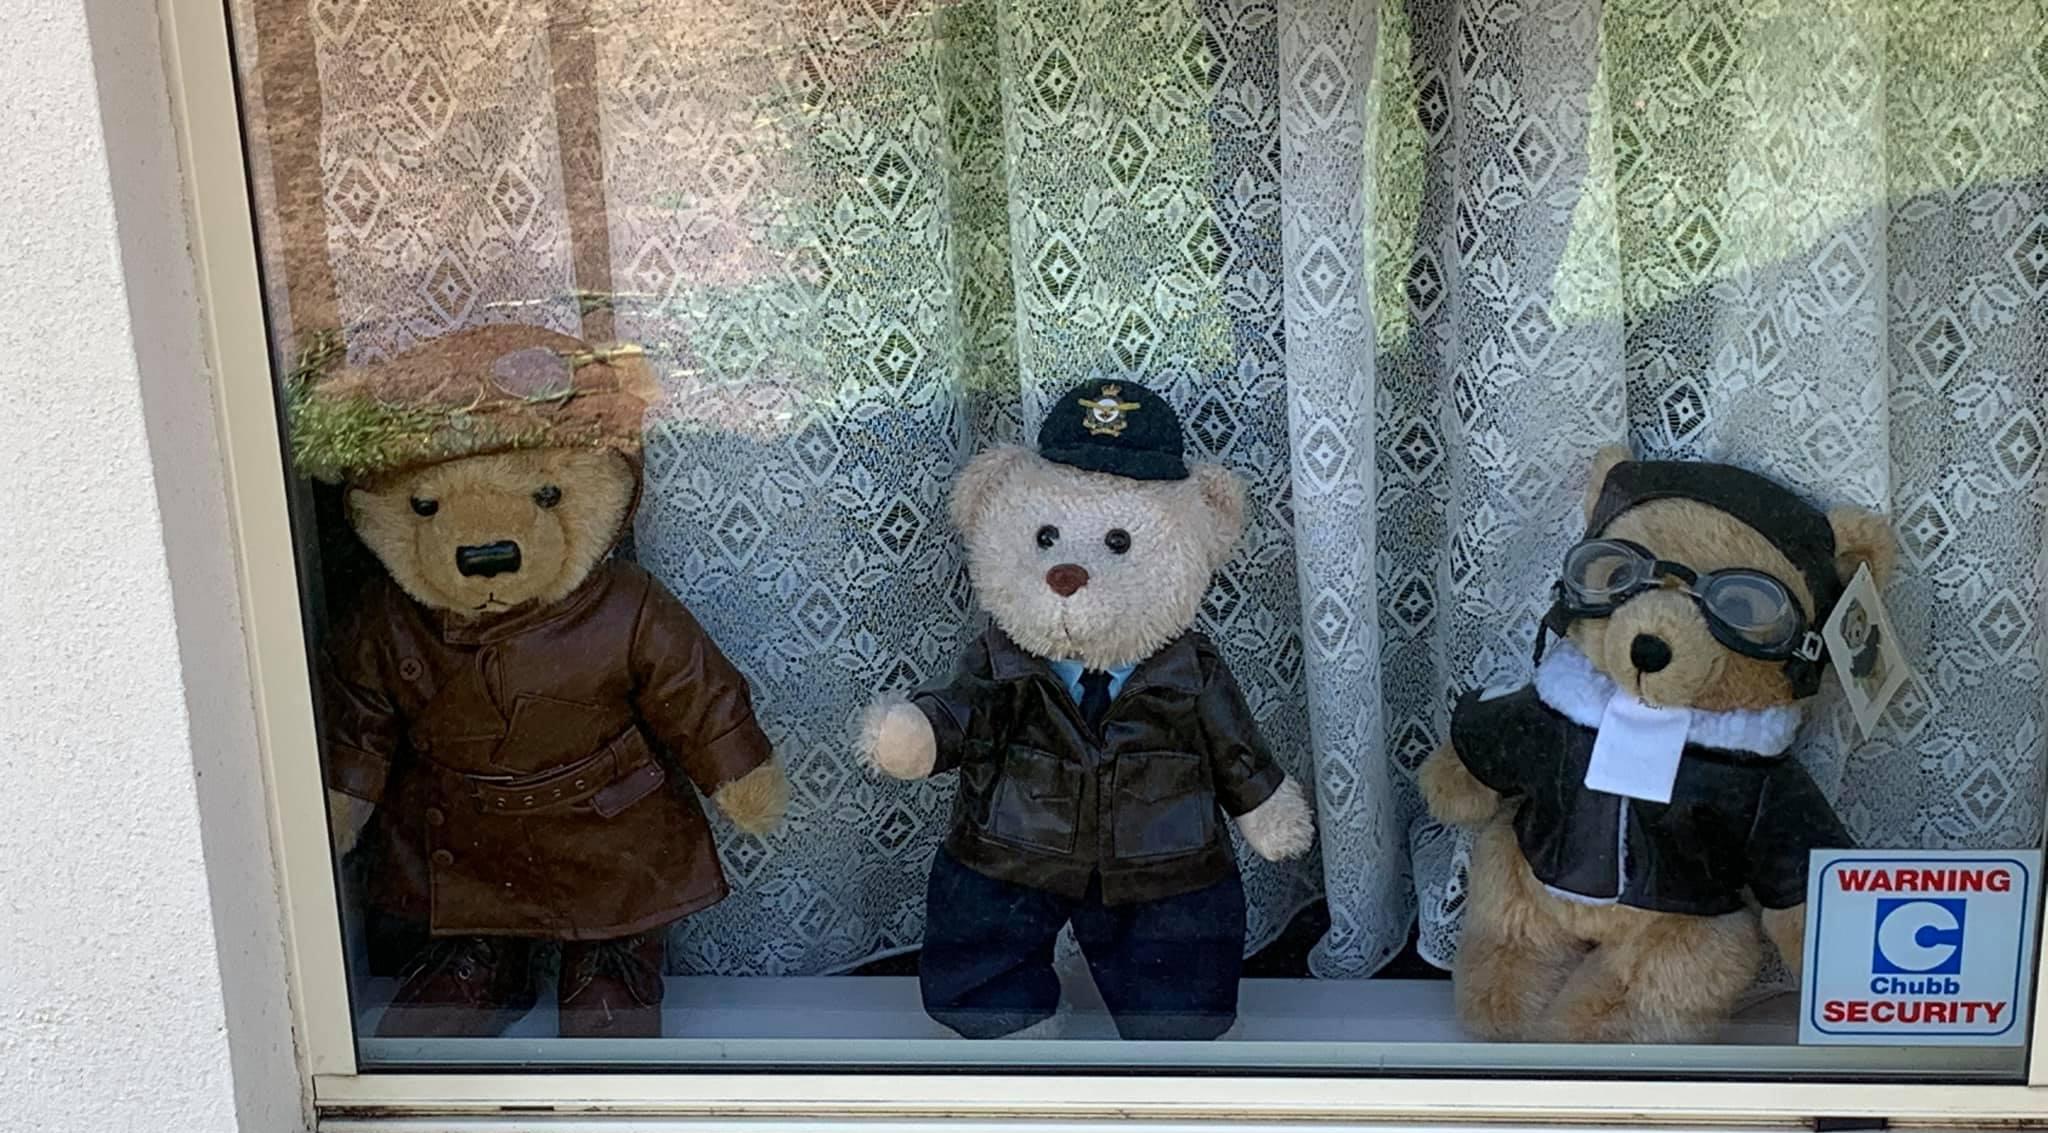 Bearhunt sue rogers